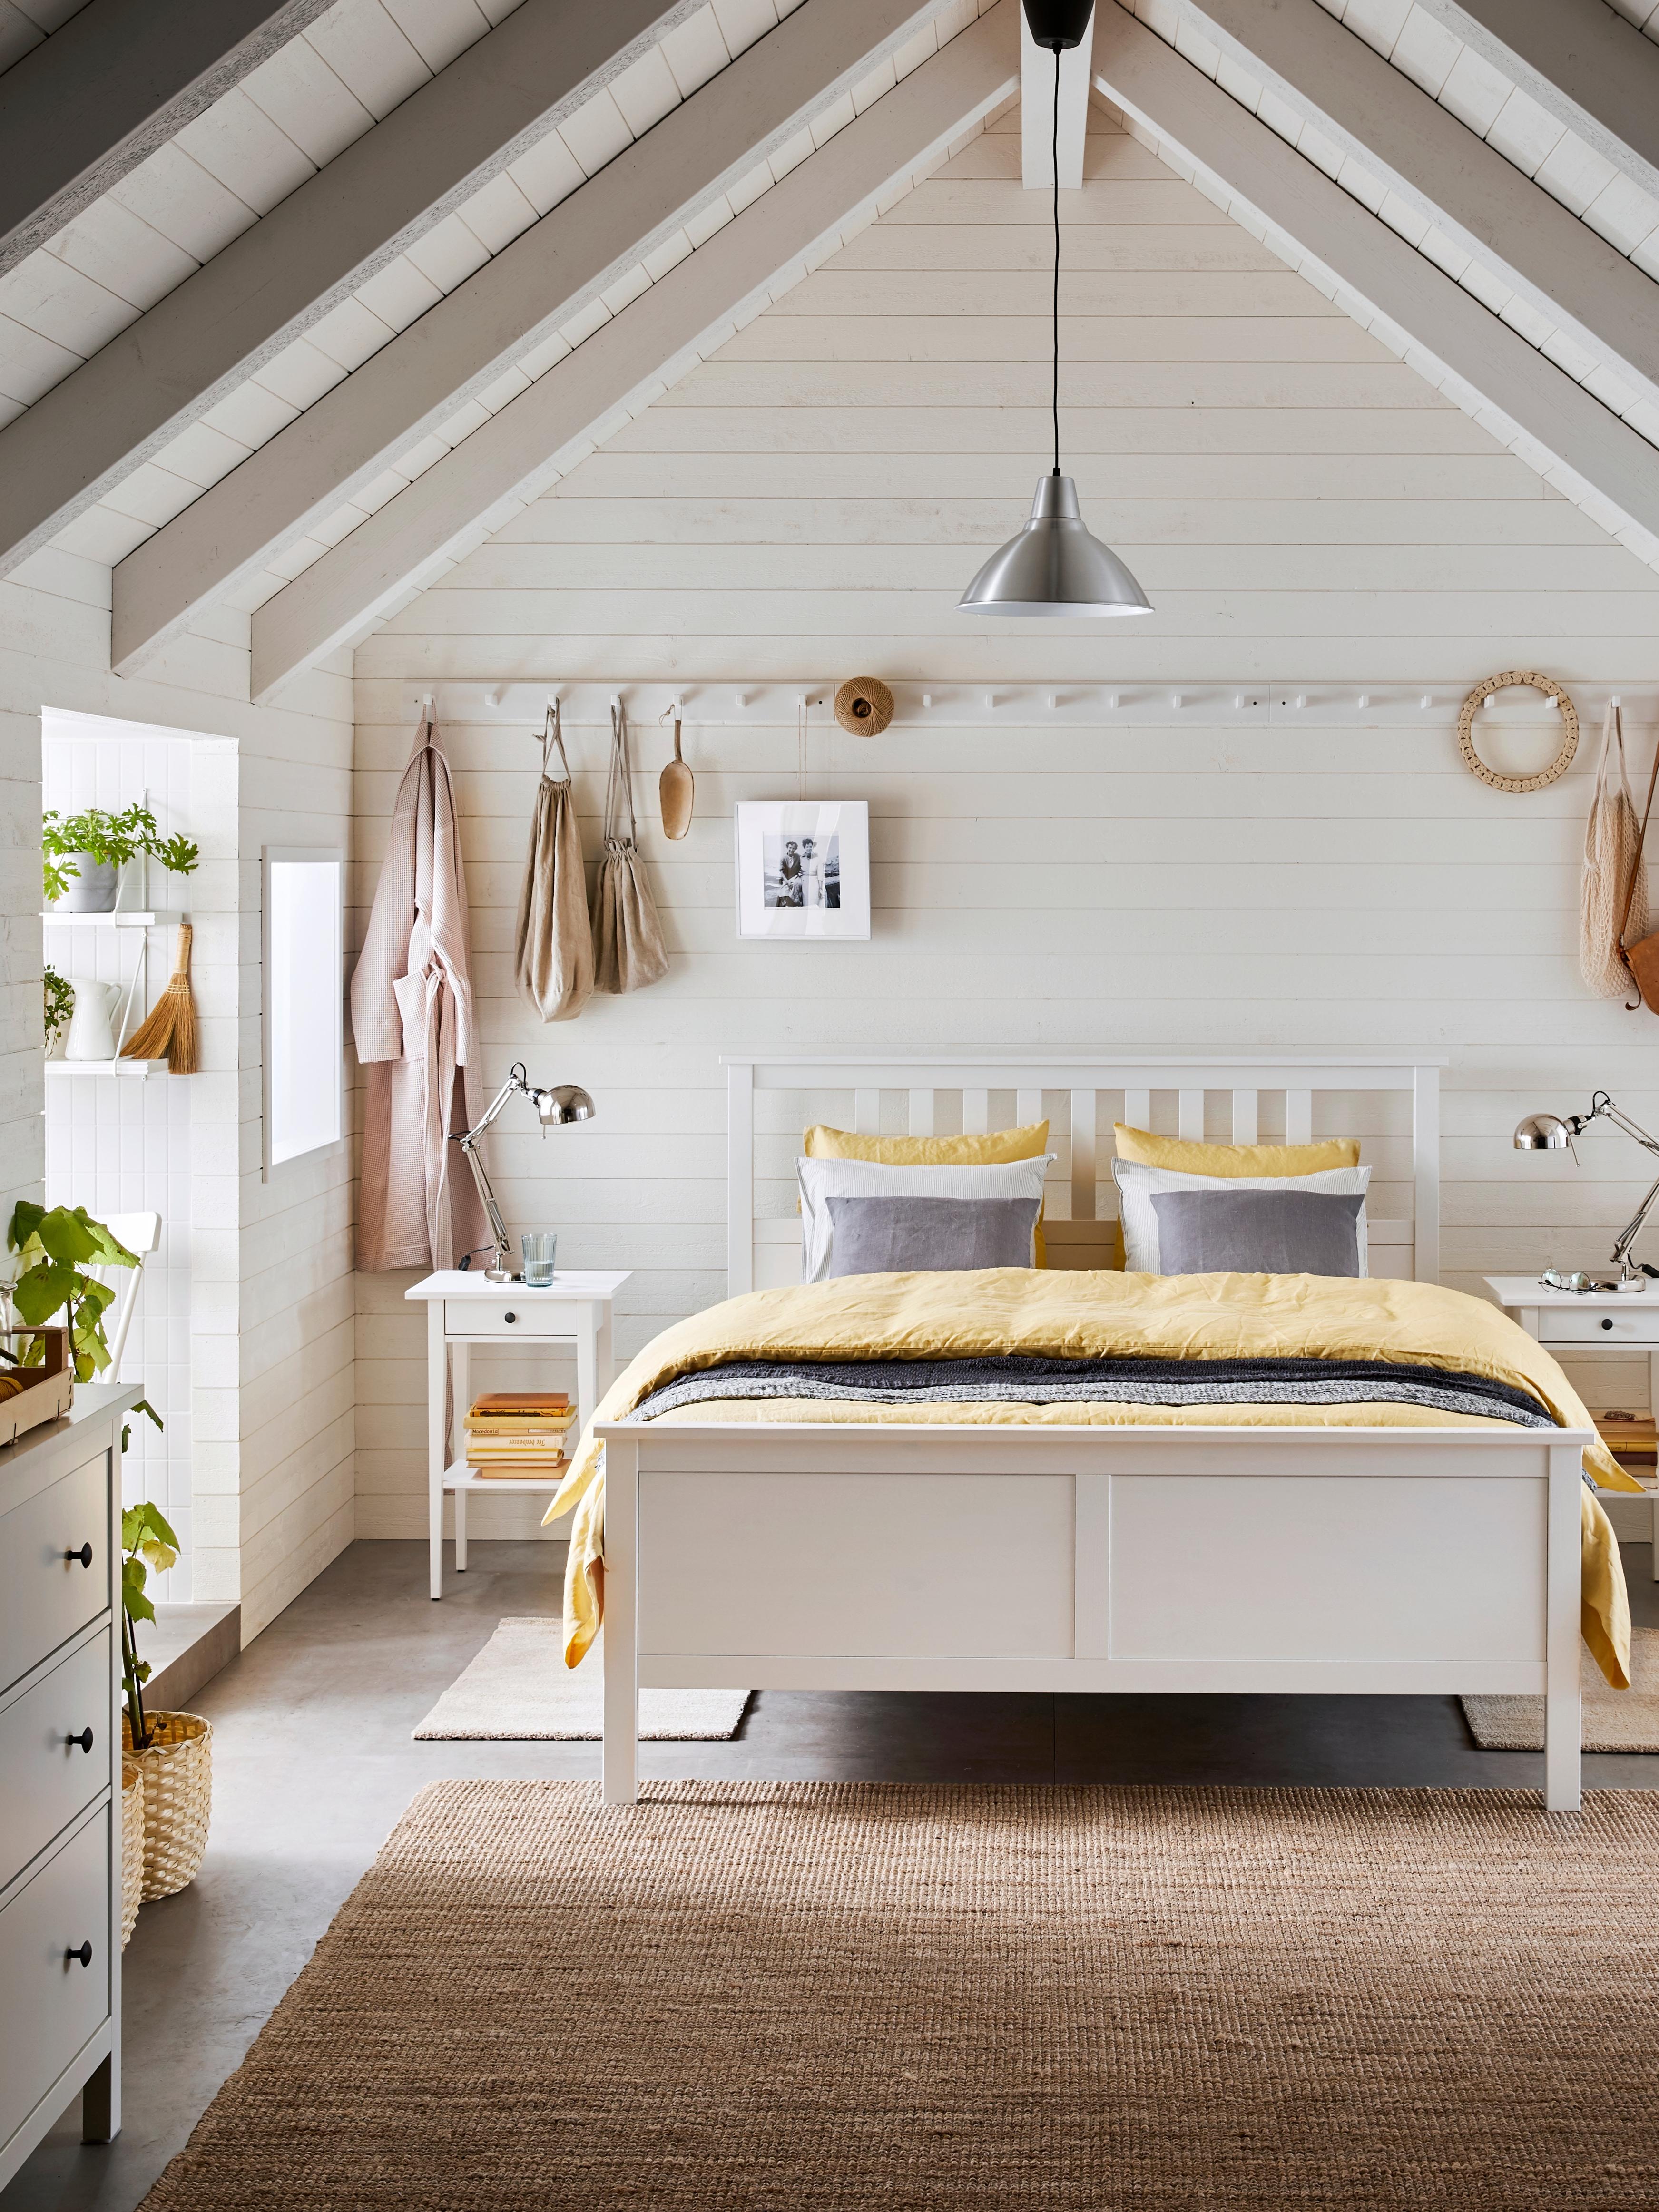 Letto HEMNES bianco, tappeto in fibra naturale e attaccapanni bianco con ganci appeso alla parete.